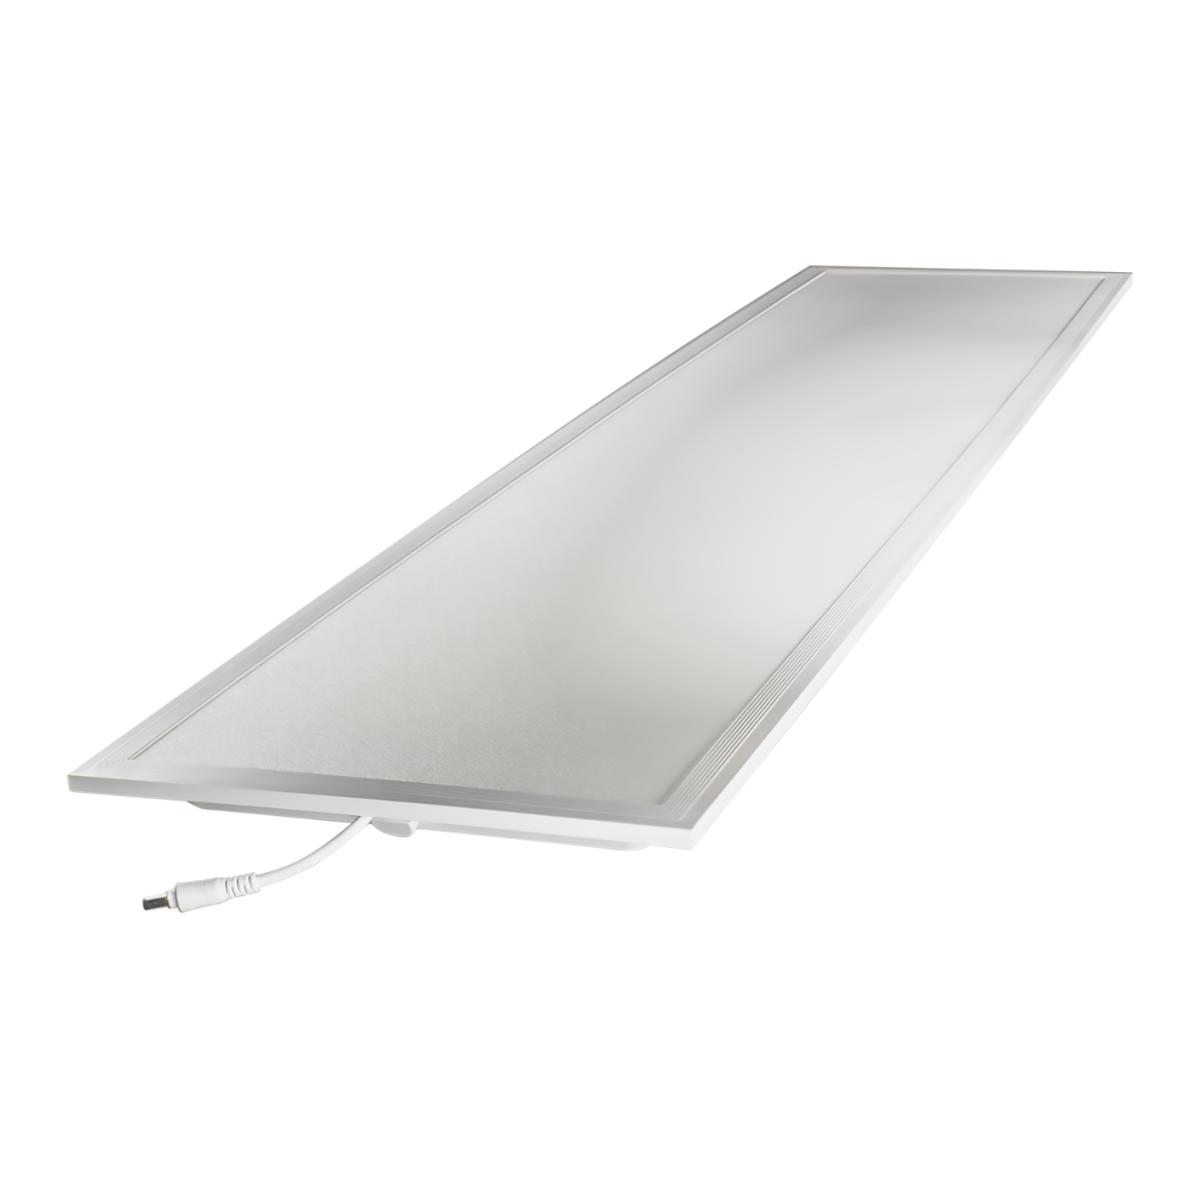 Noxion Delta Pro LED Paneeli UGR<19 V2.0 30W 4110lm 4000K 300x1200+ GST18 Uros + Xitanium | Kylmä Valkoinen